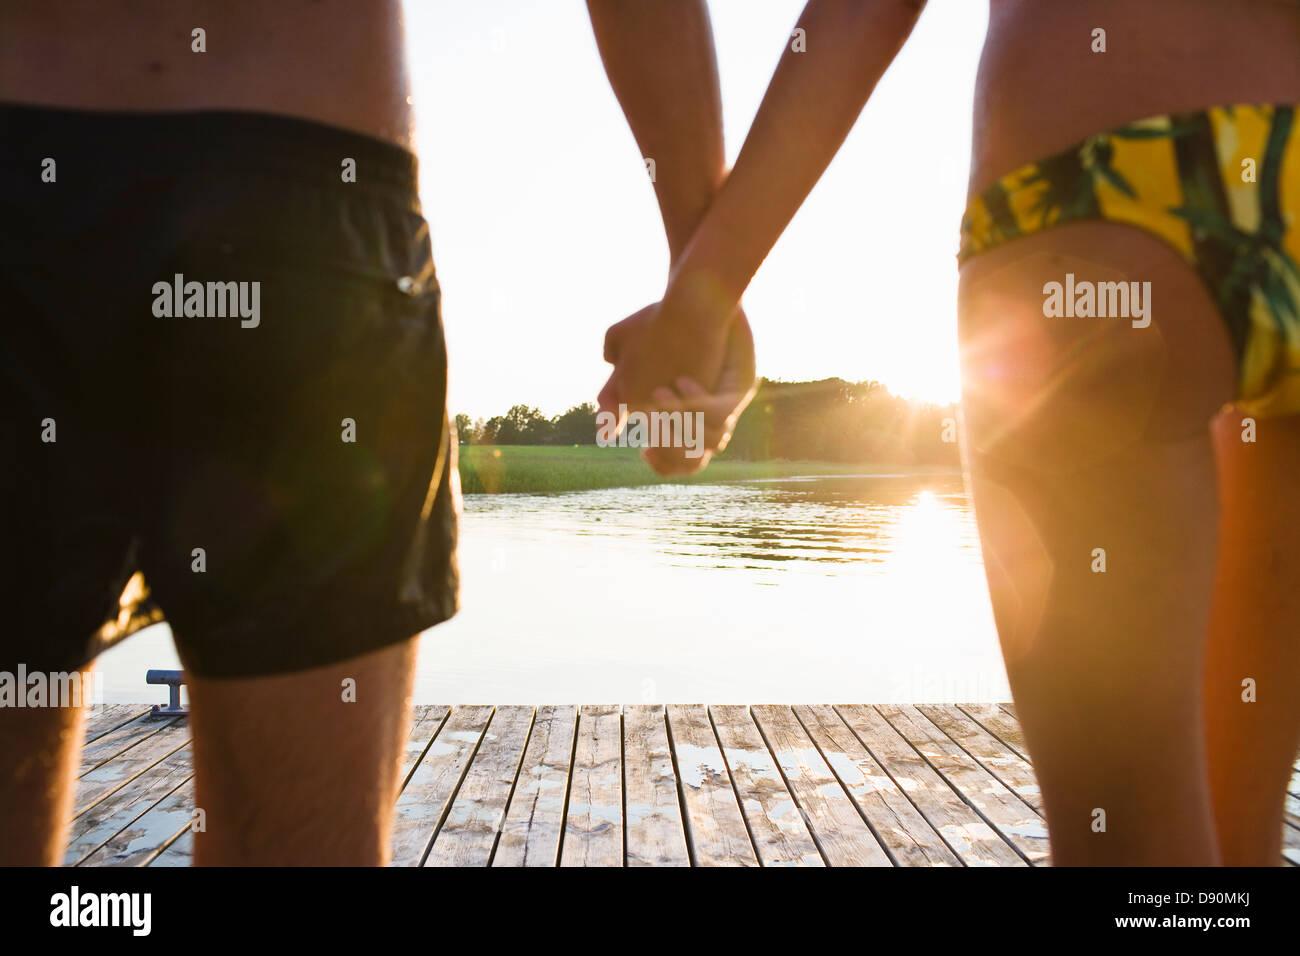 Par la celebración de manos en jetty Imagen De Stock